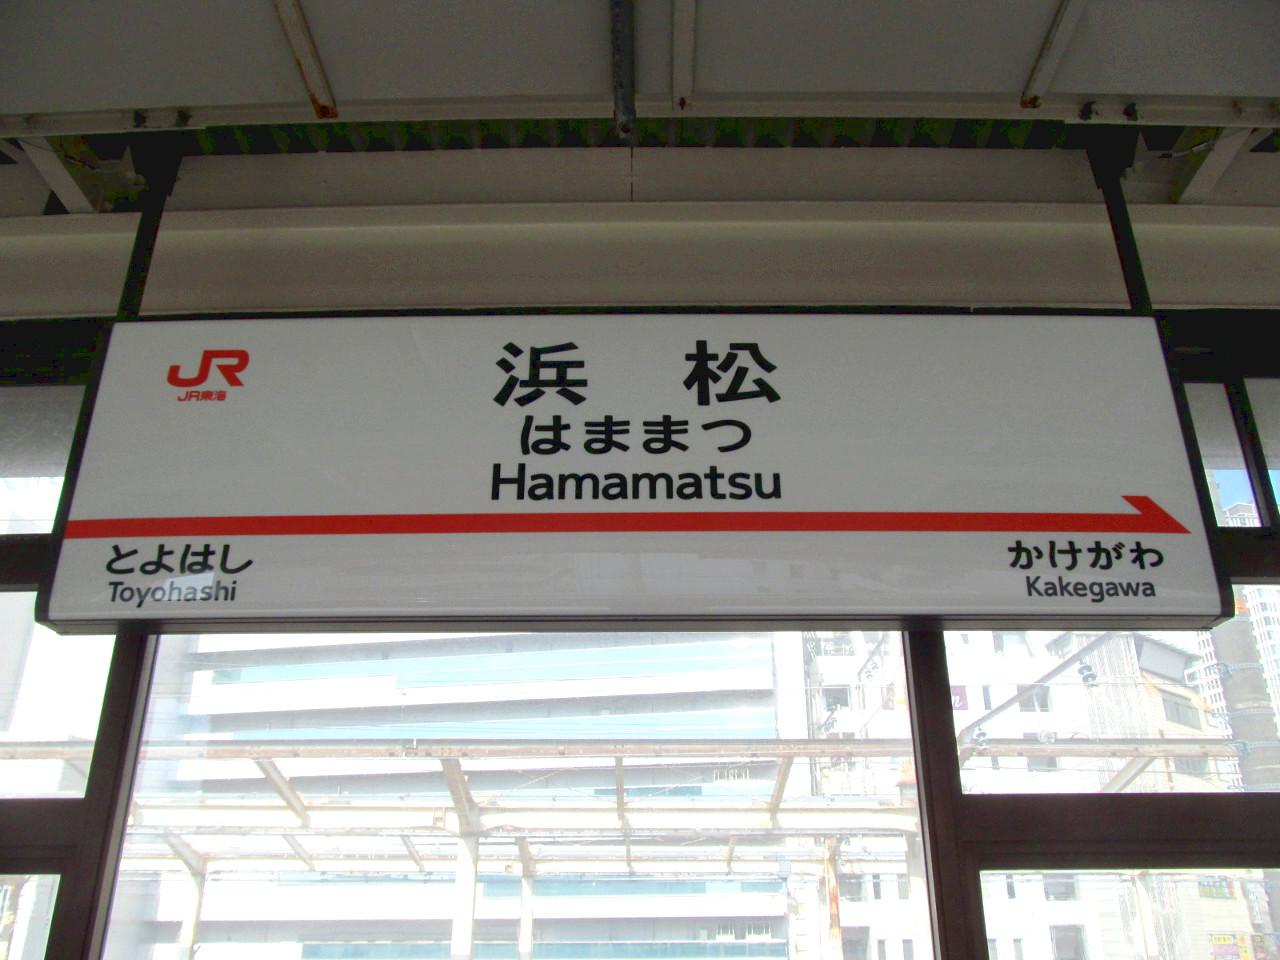 浜松に来たのでその道中の様子2021年2月編アイキャッチ1280調整後